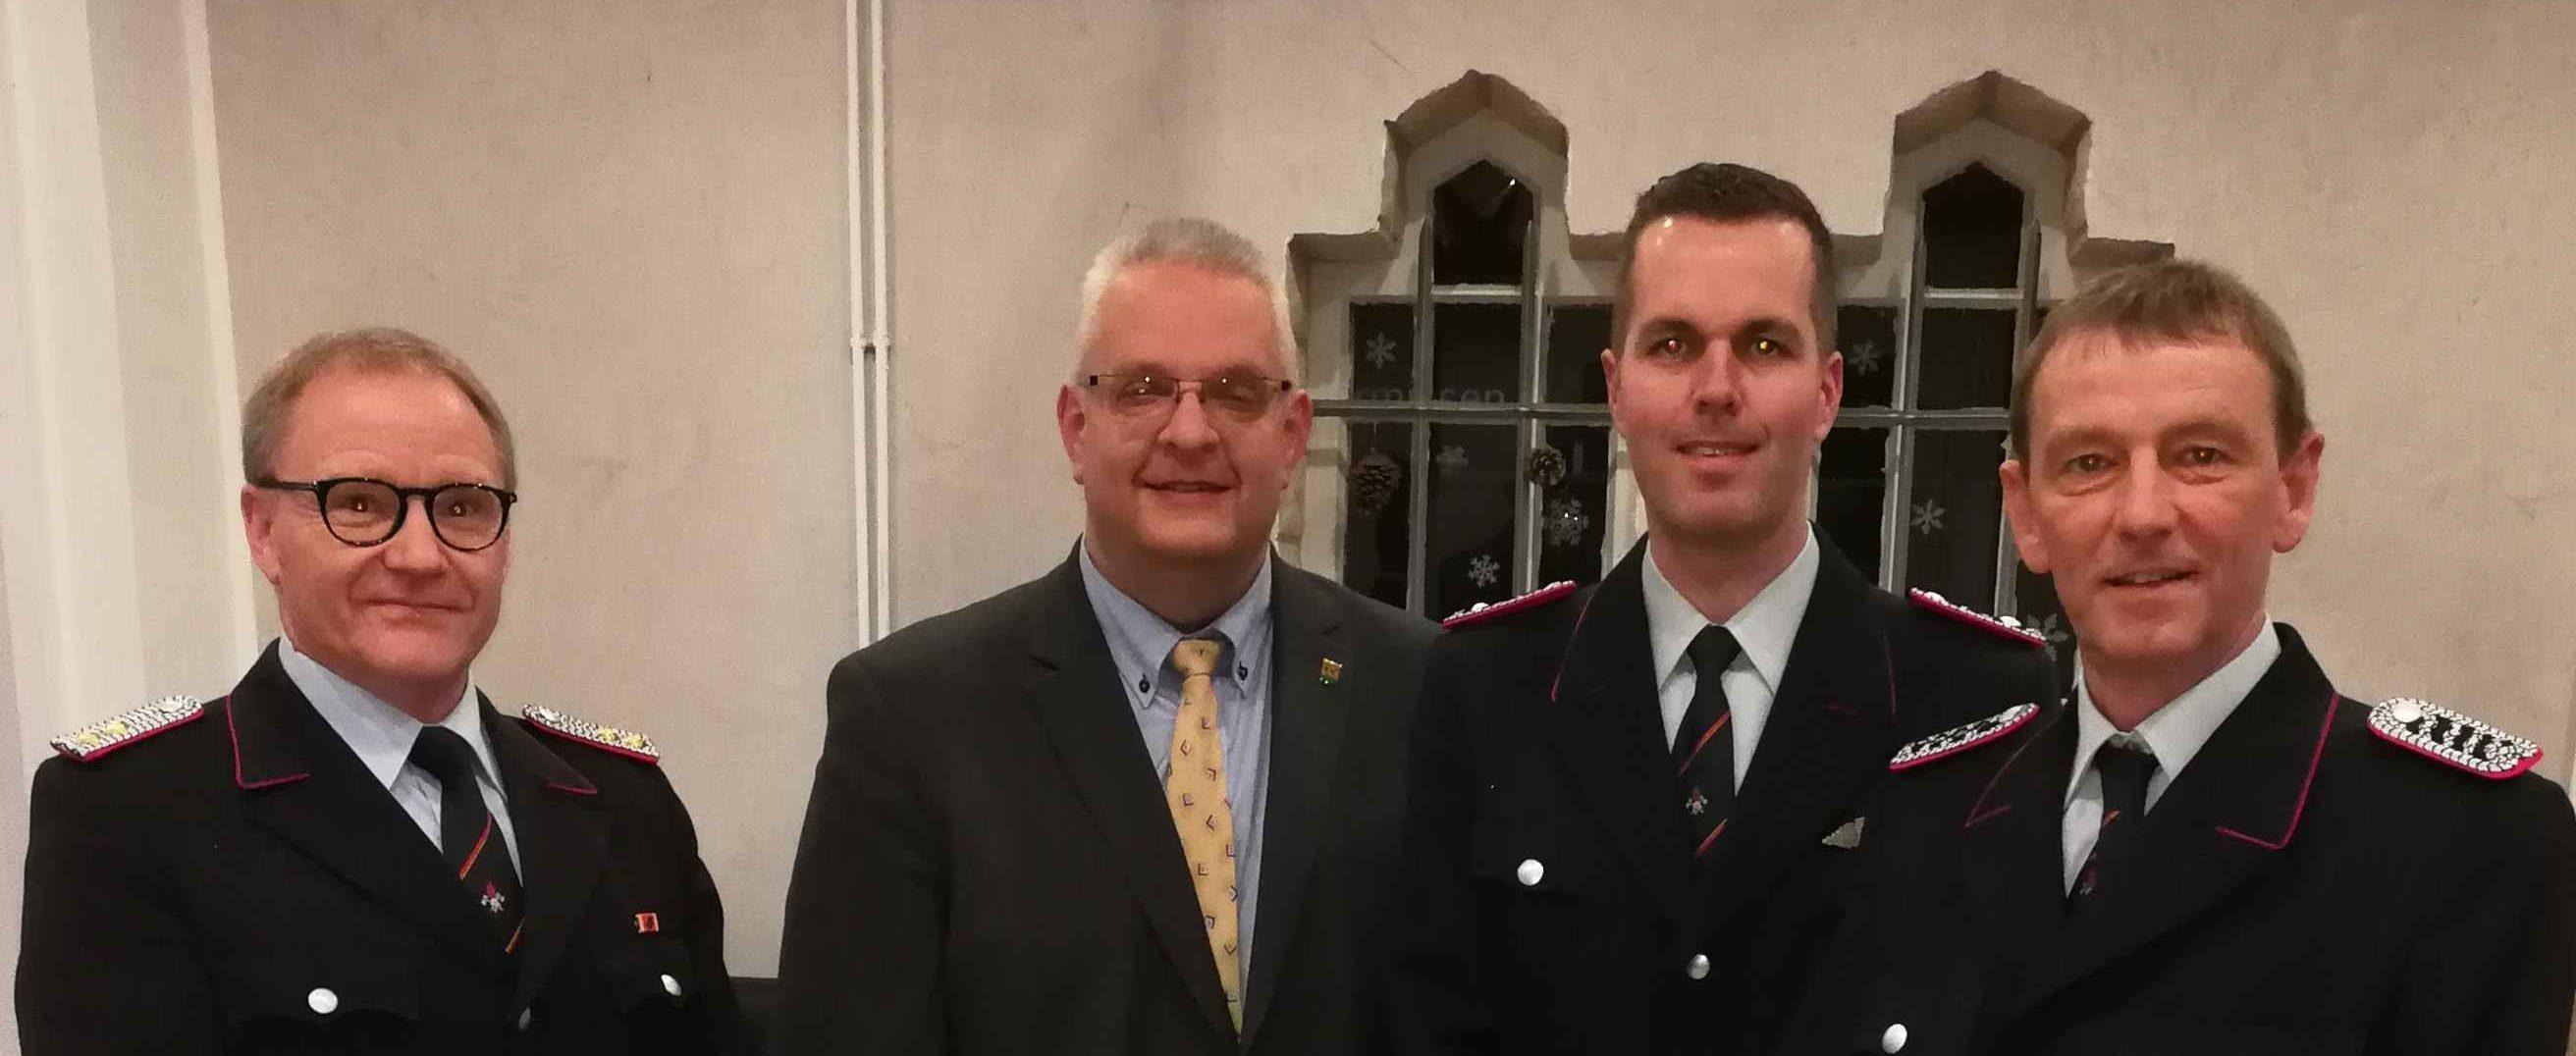 Stefan Sohns ist neuer stellvertretender Ortsbrandmeister